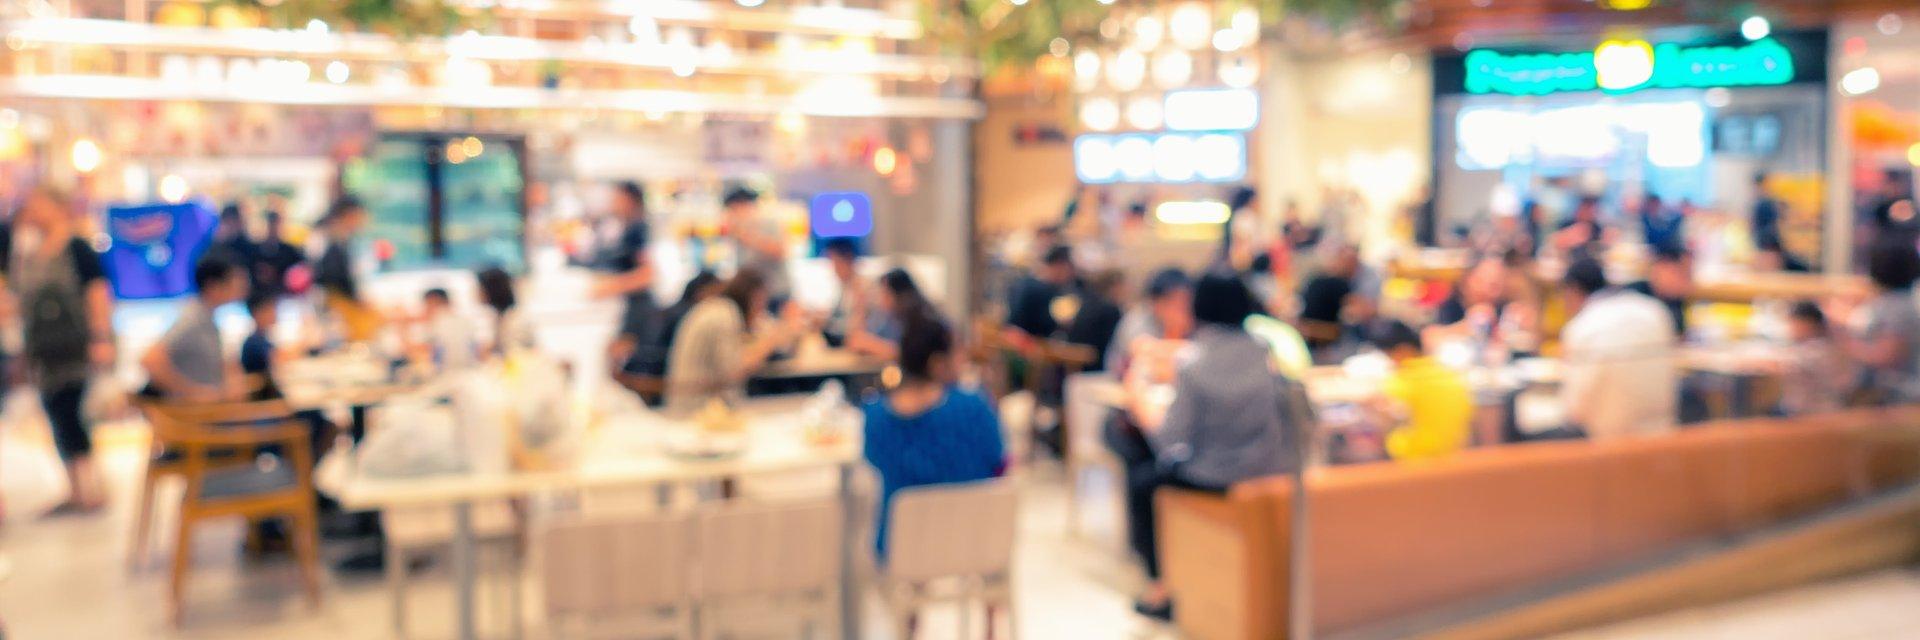 Potężne straty gastronomii w centrach handlowych. W przyszłości lokale przeniosą się na ulice handlowe